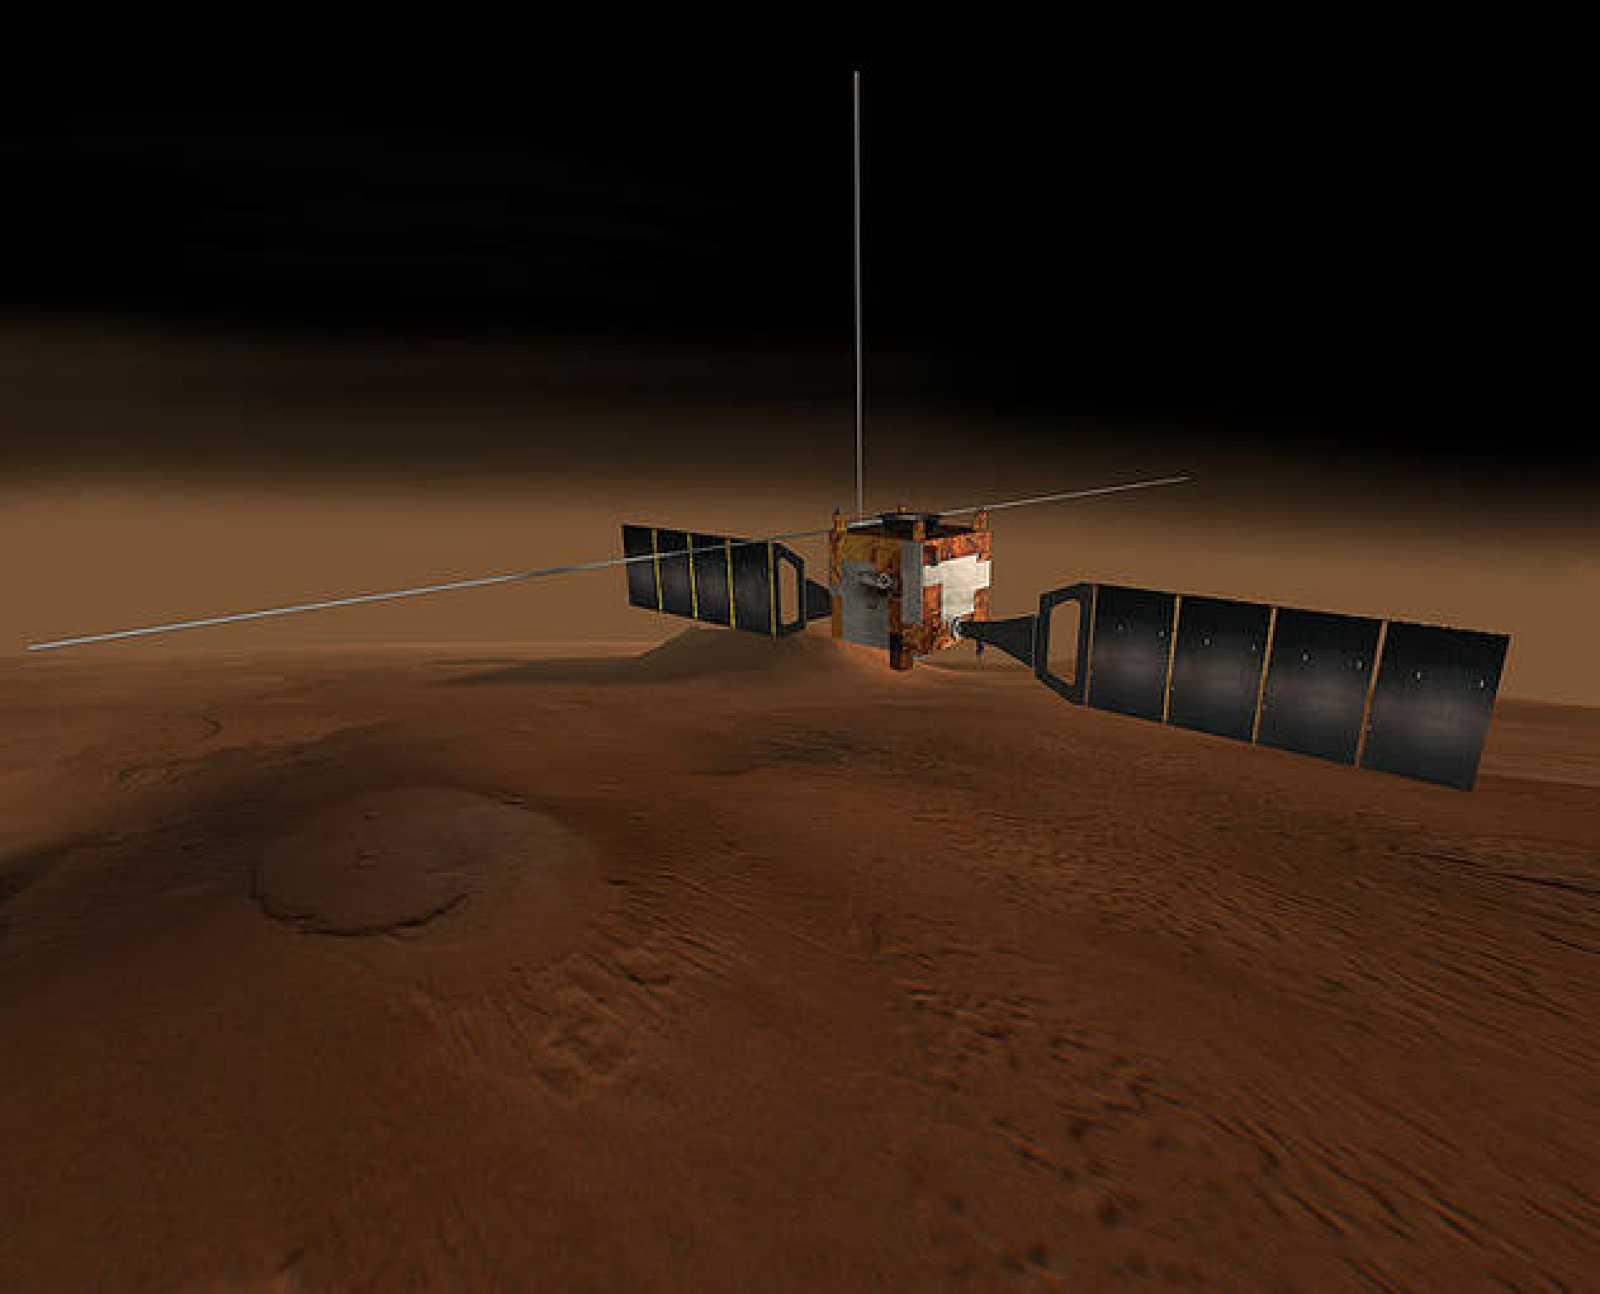 Impresión artística de la Mars Express en órbita alrededor de Marte